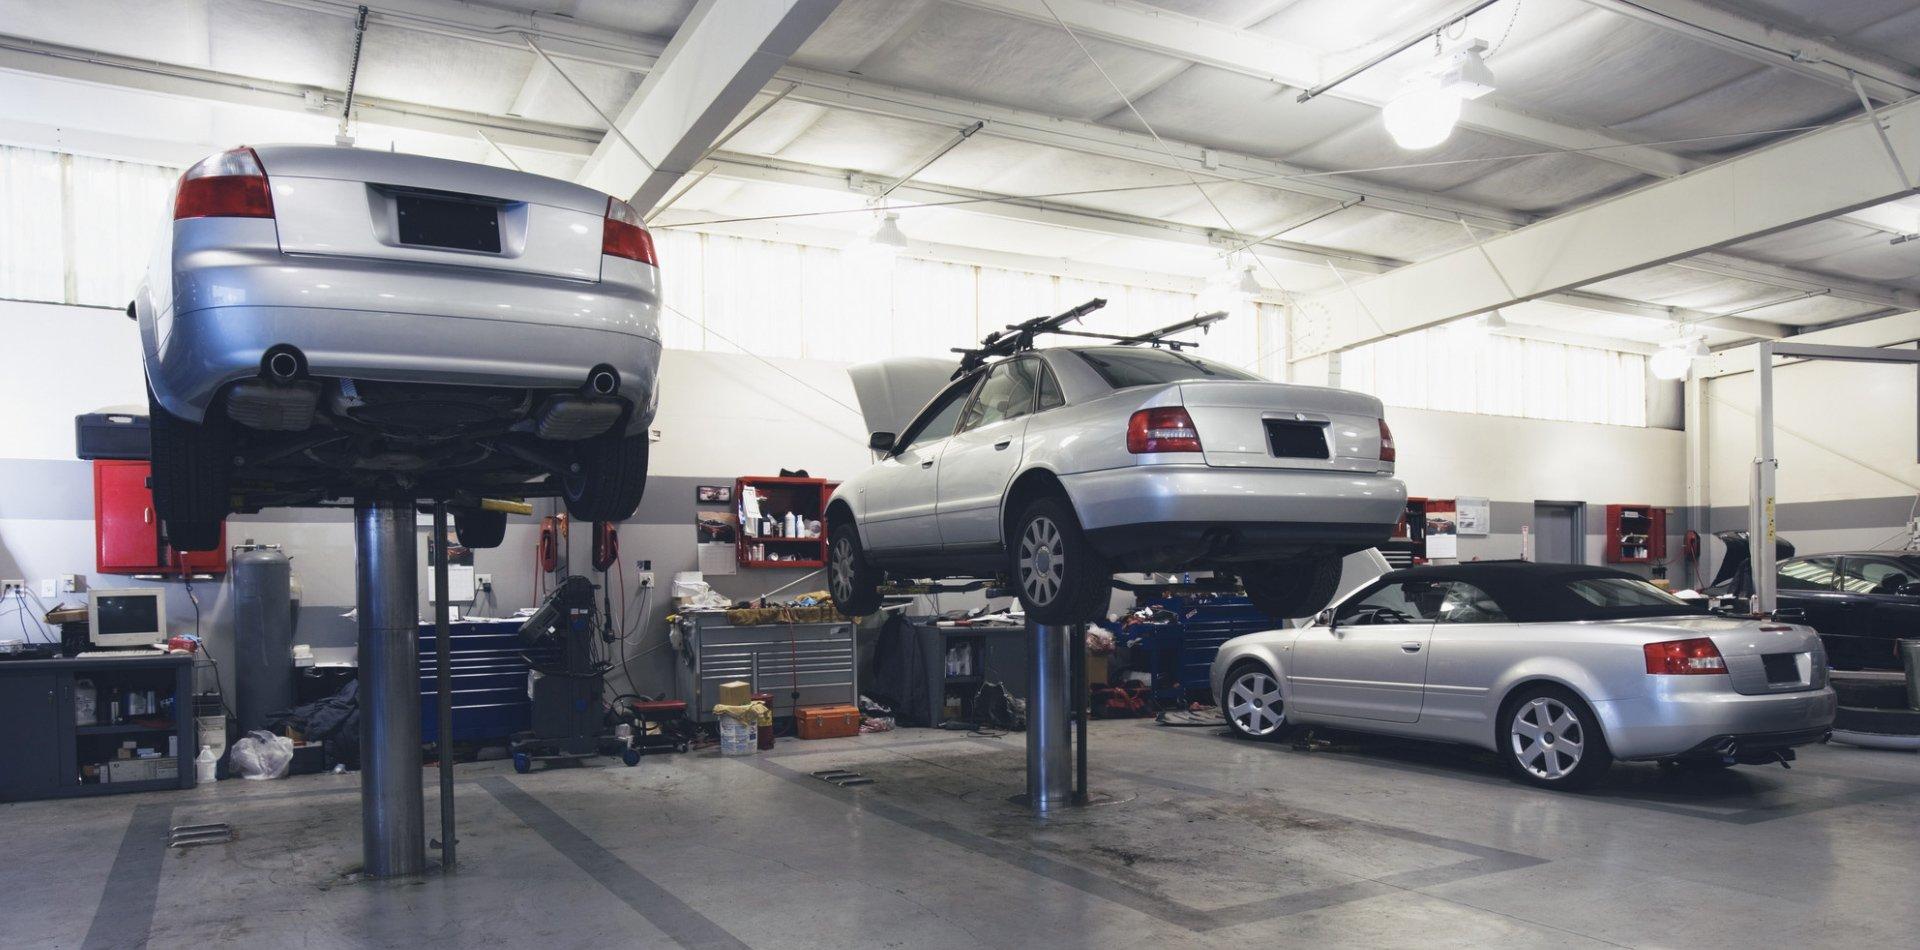 cars for MOT test